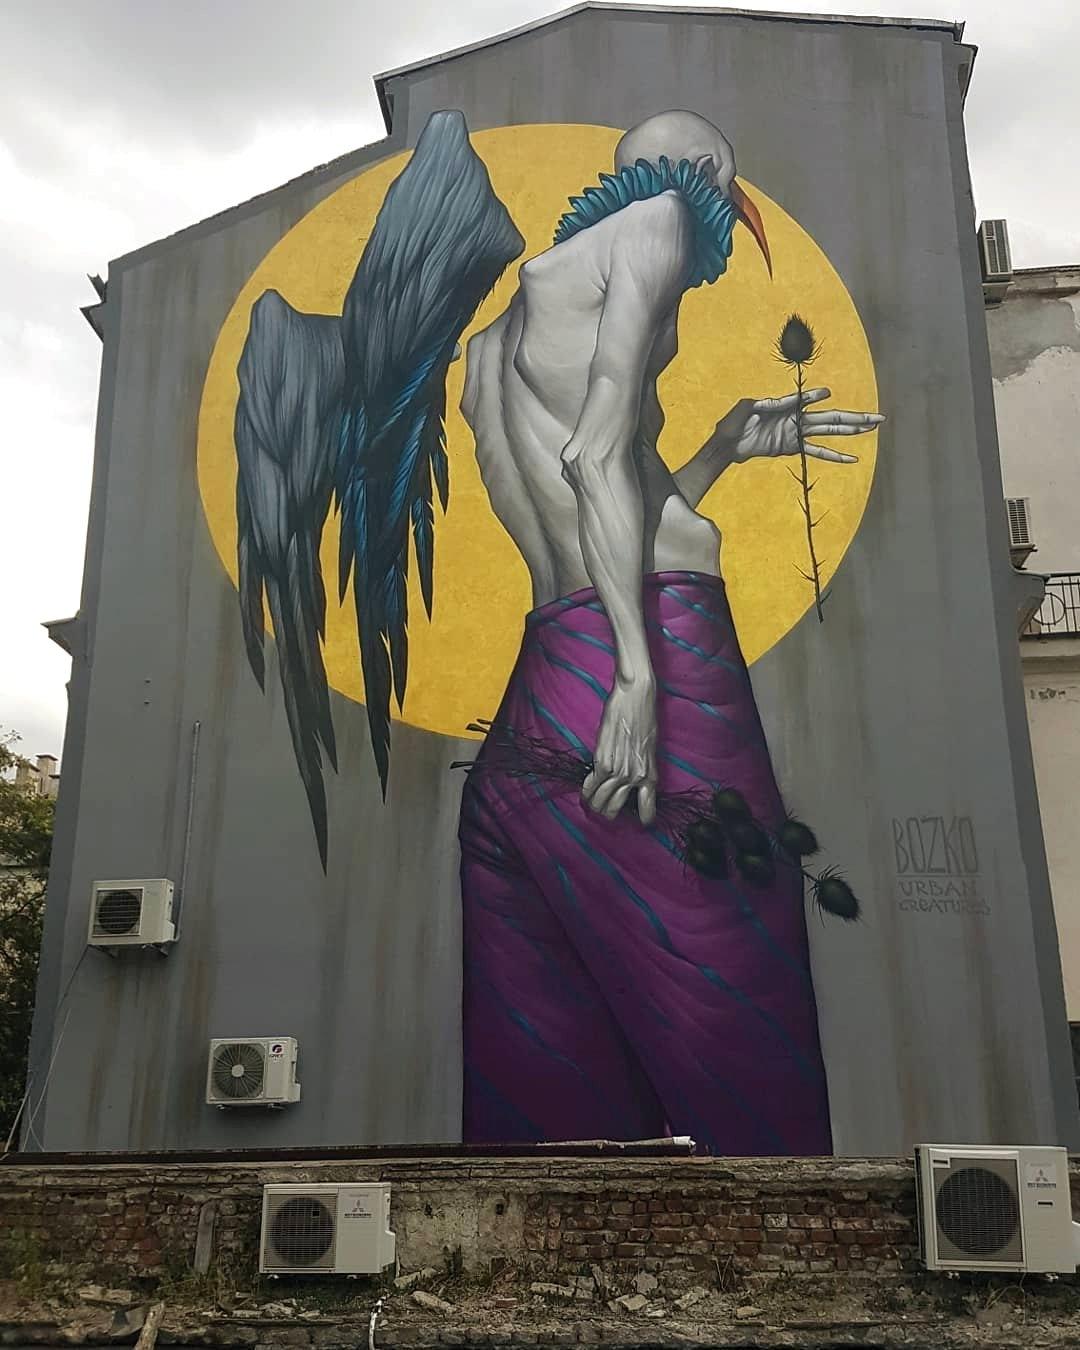 Bozko @ Sofia, Bulgaria